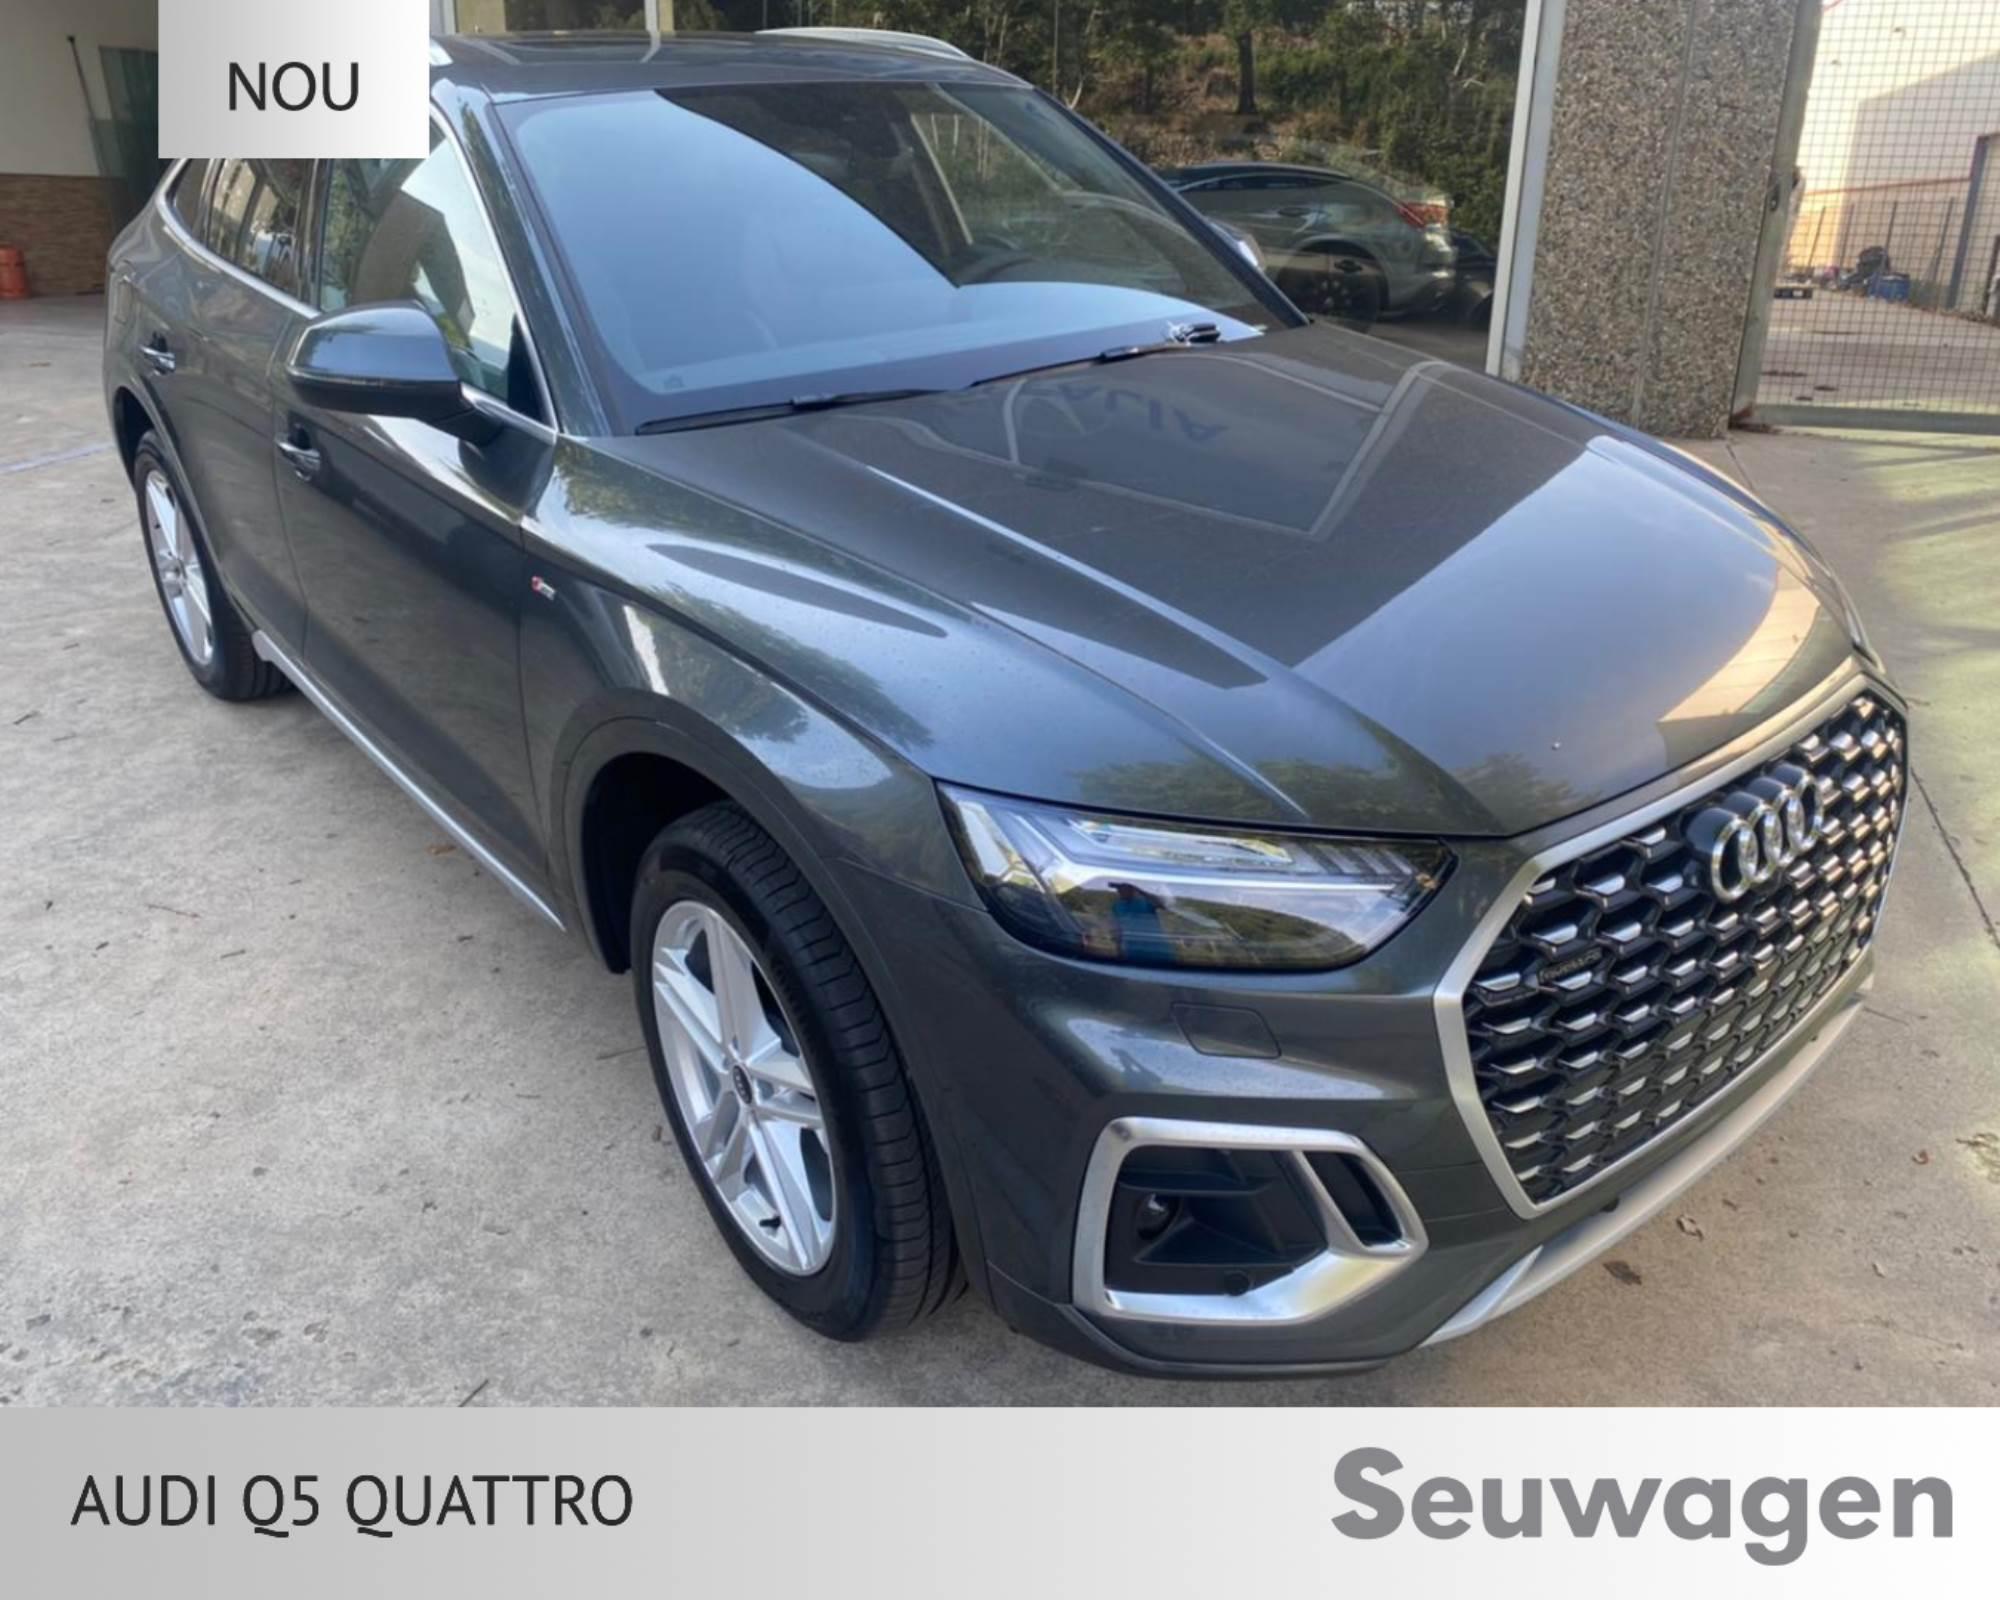 Audi - Q5 - 40 TDI Quattro 40 TDI Quattro Benzina  -  00 Km